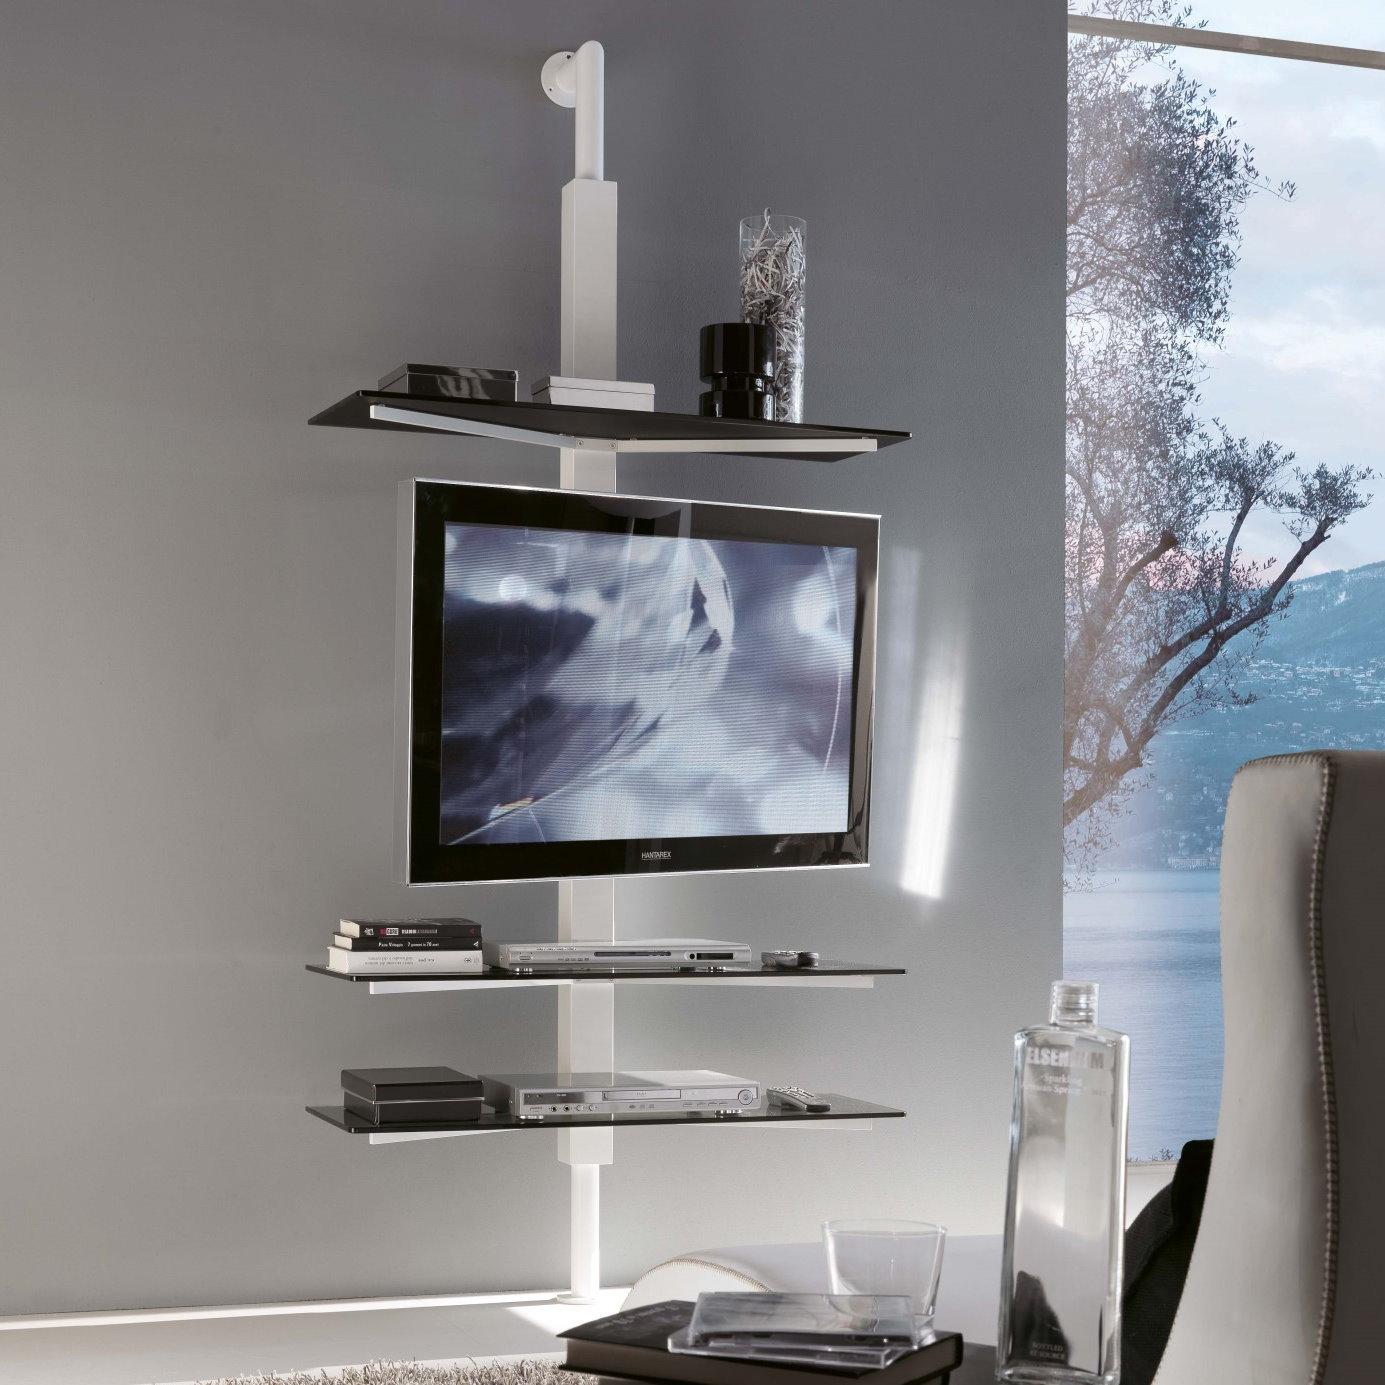 Idee come arredare un monolocale idee consigli e arredi indispensabili arredaclick - Porta televisore da parete ...